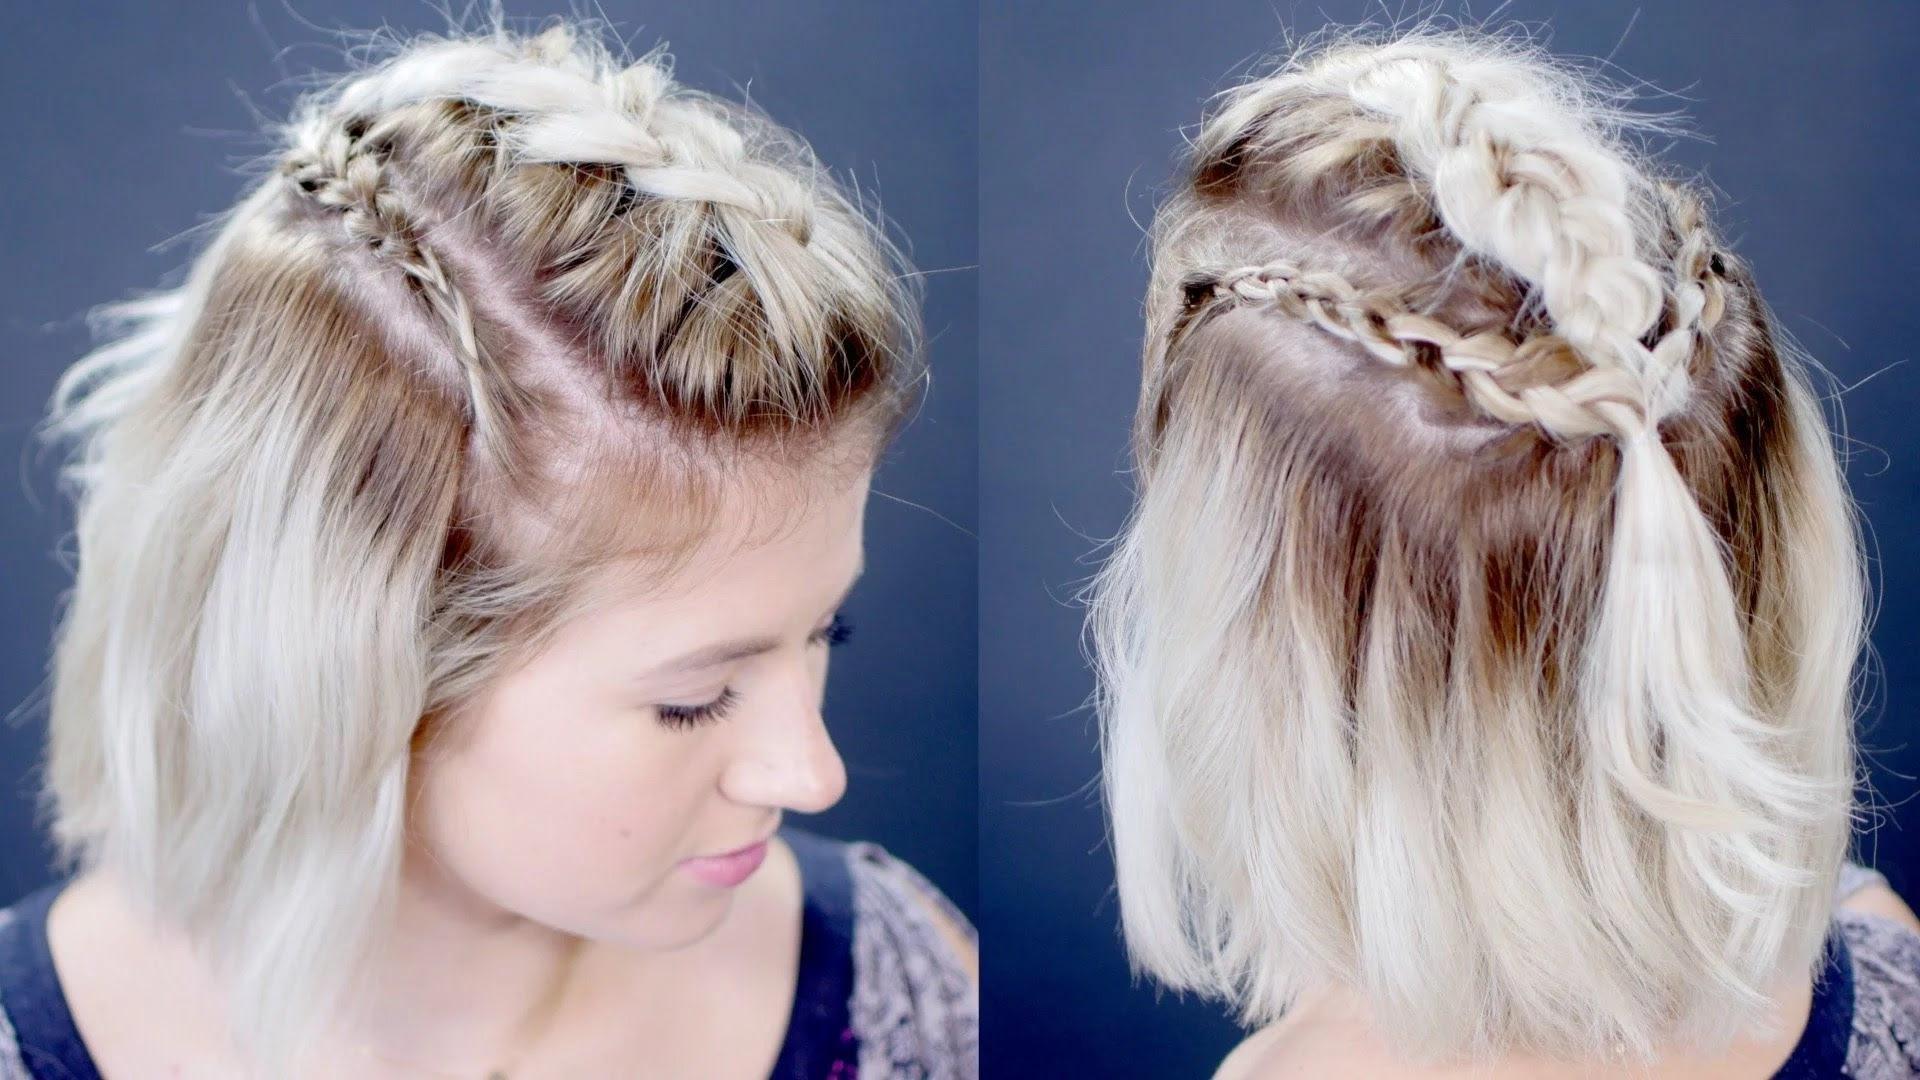 Haare Nach Hinten Stylen Frau Lockige Haare Tipps Für Styling Und